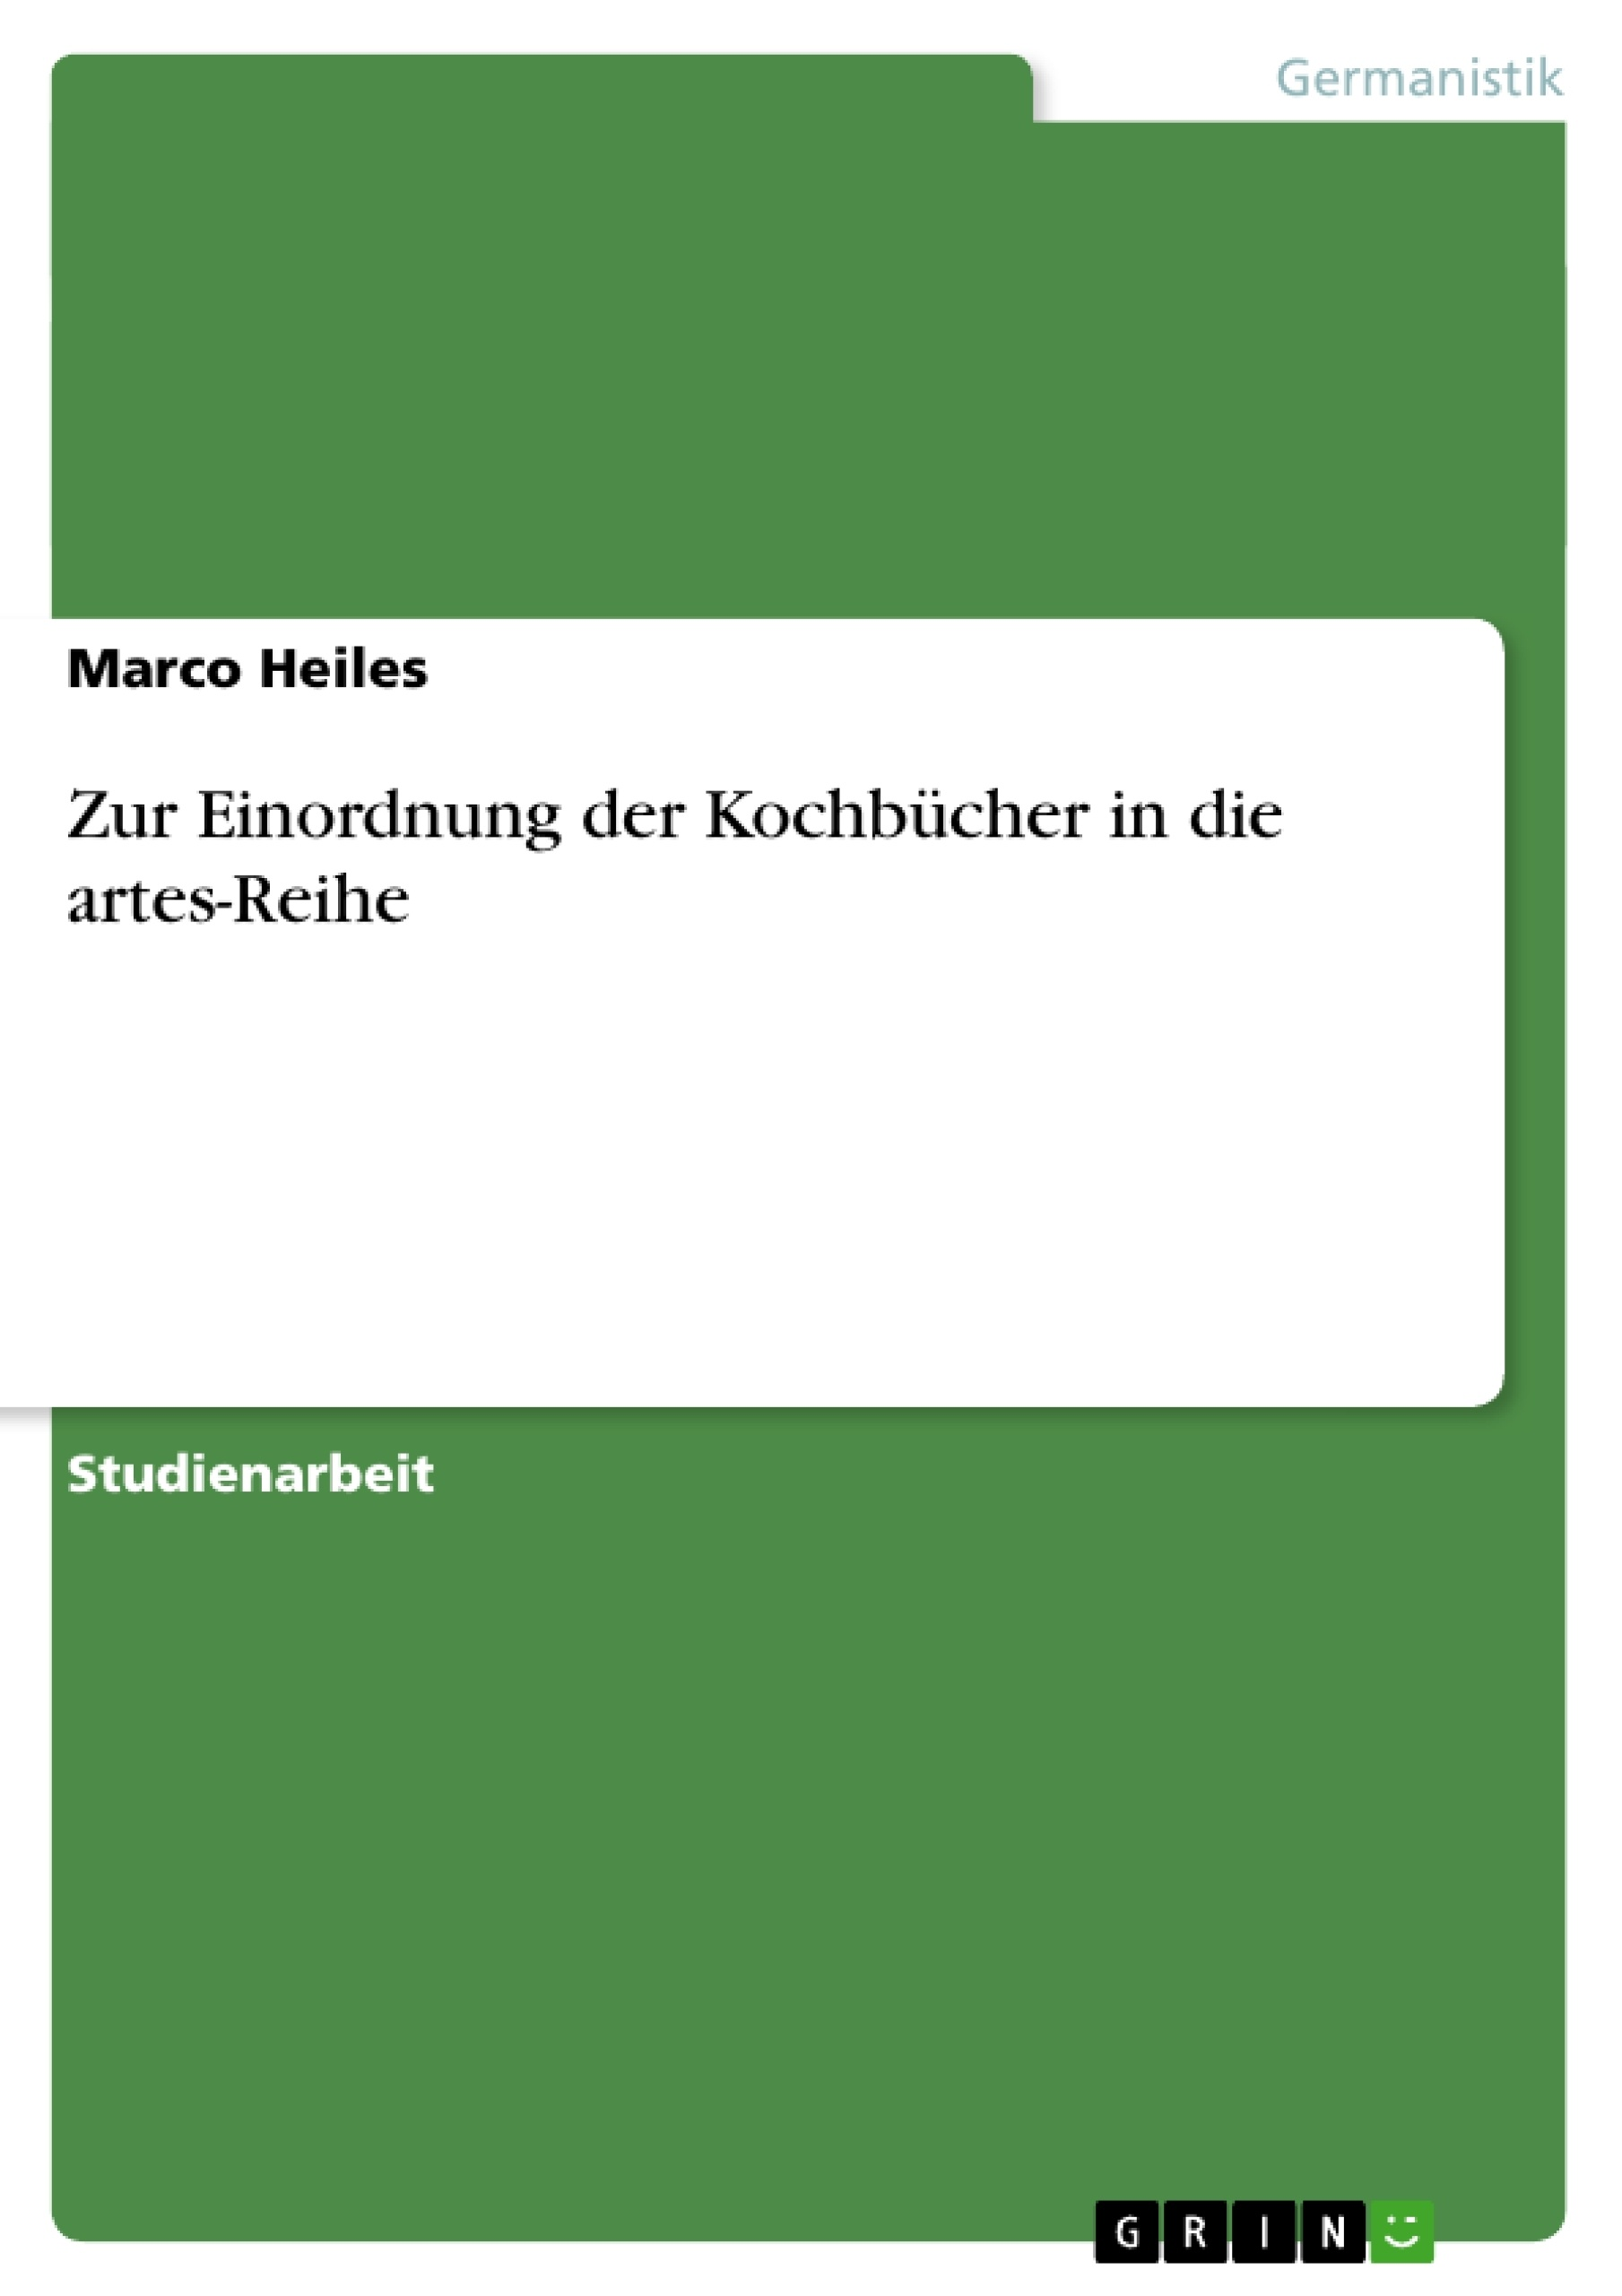 Titel: Zur Einordnung der Kochbücher in die artes-Reihe